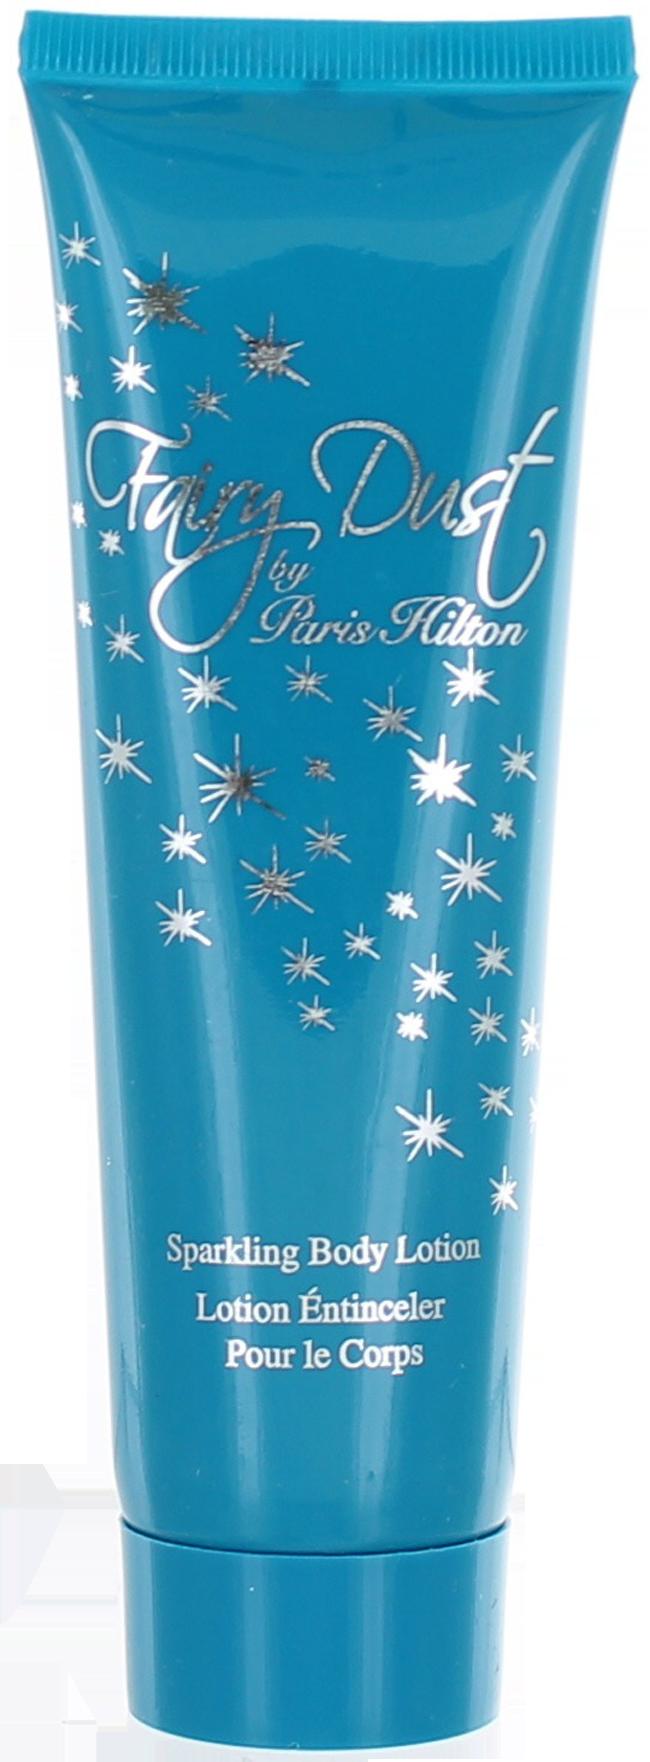 Paris Hilton Fairy Dust (W) Body Lotion 3oz